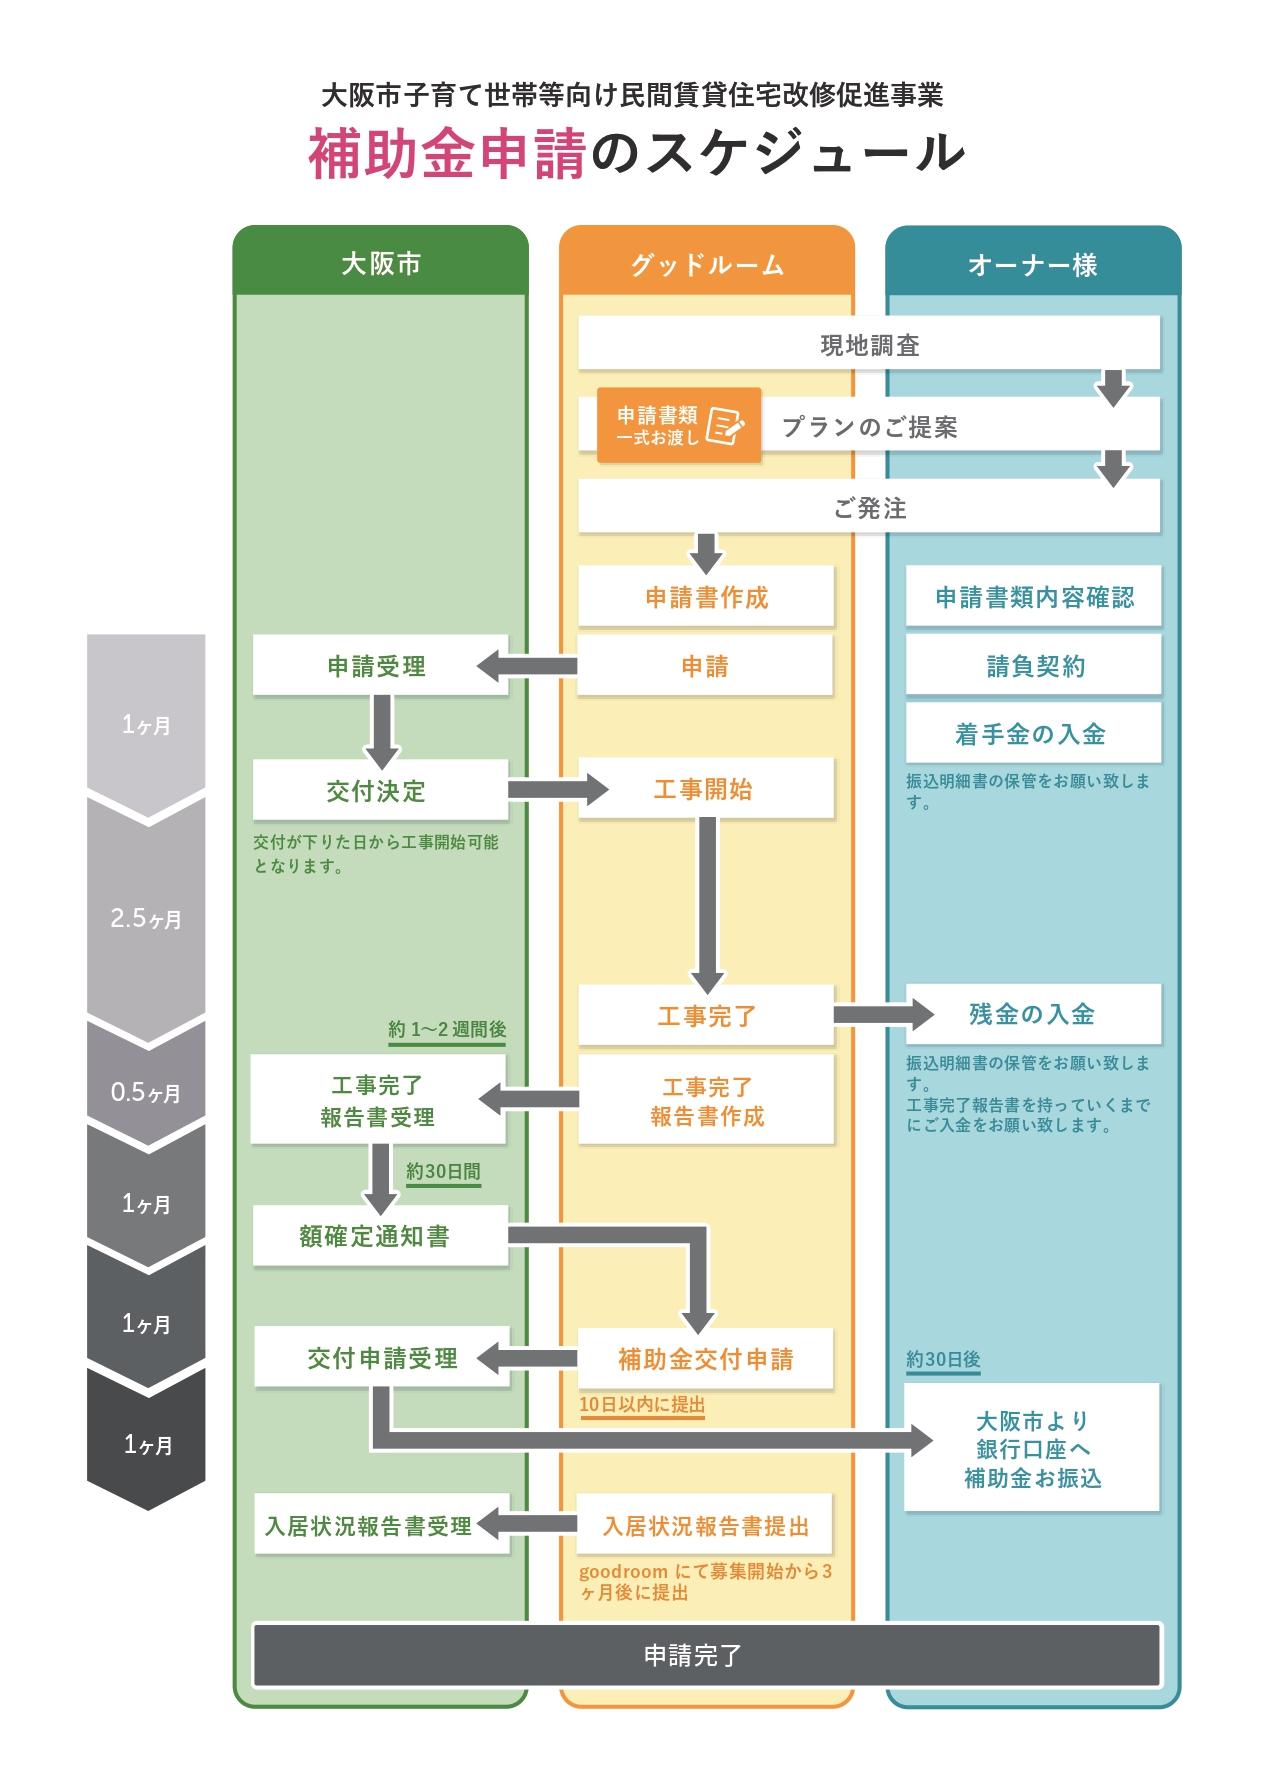 大阪市リノベーション補助金スケジュール